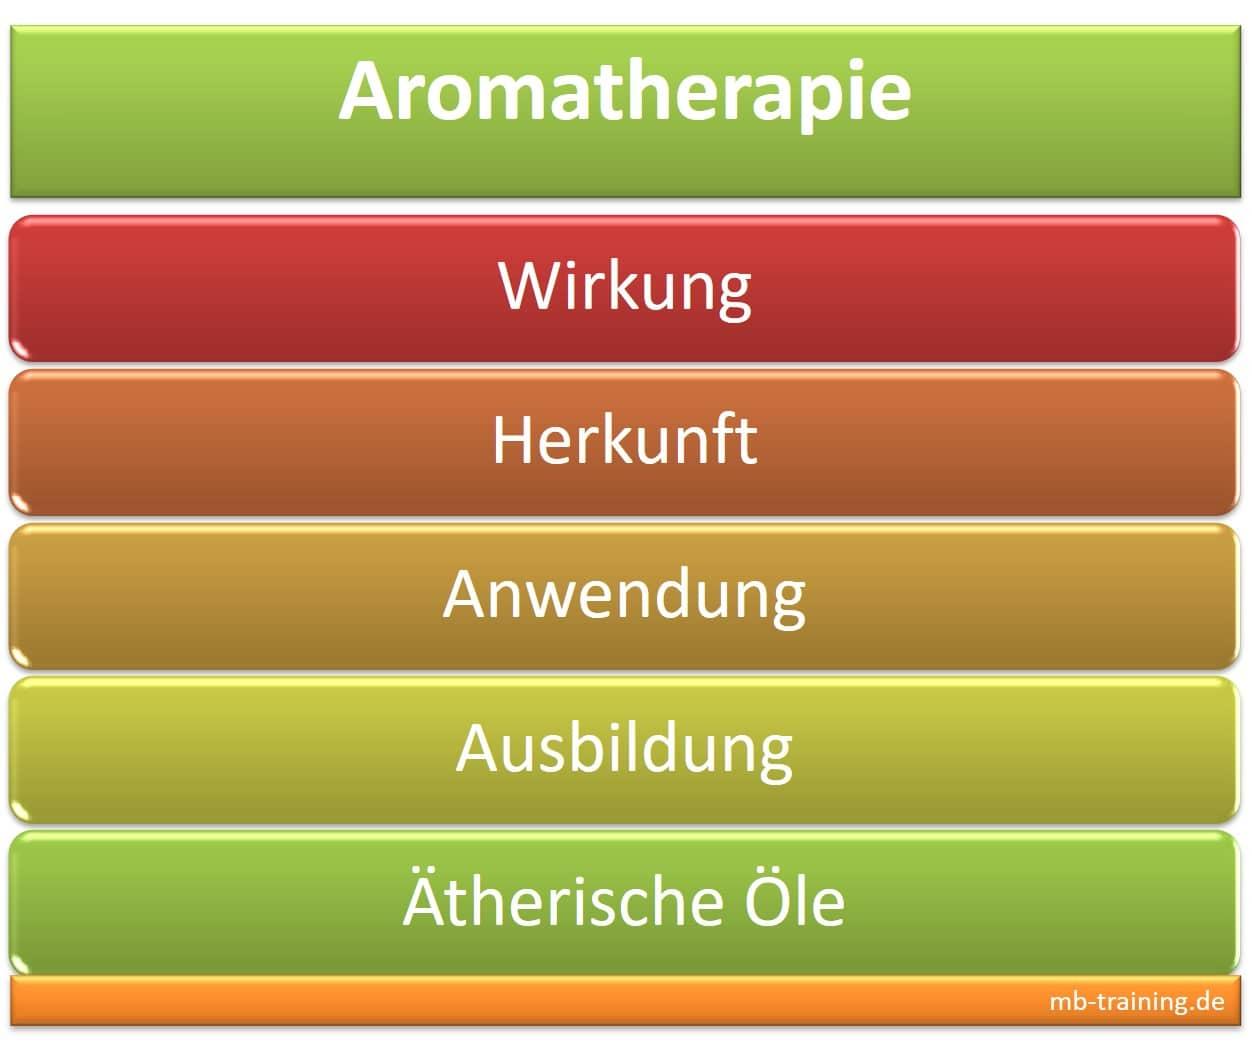 Aromatherapie Wirkung, Anwendung bzw. Behandlung und Ausbildung, Infos zu den ätherischen Ölen, zum Hersteller und Online Shop für Duftöle.